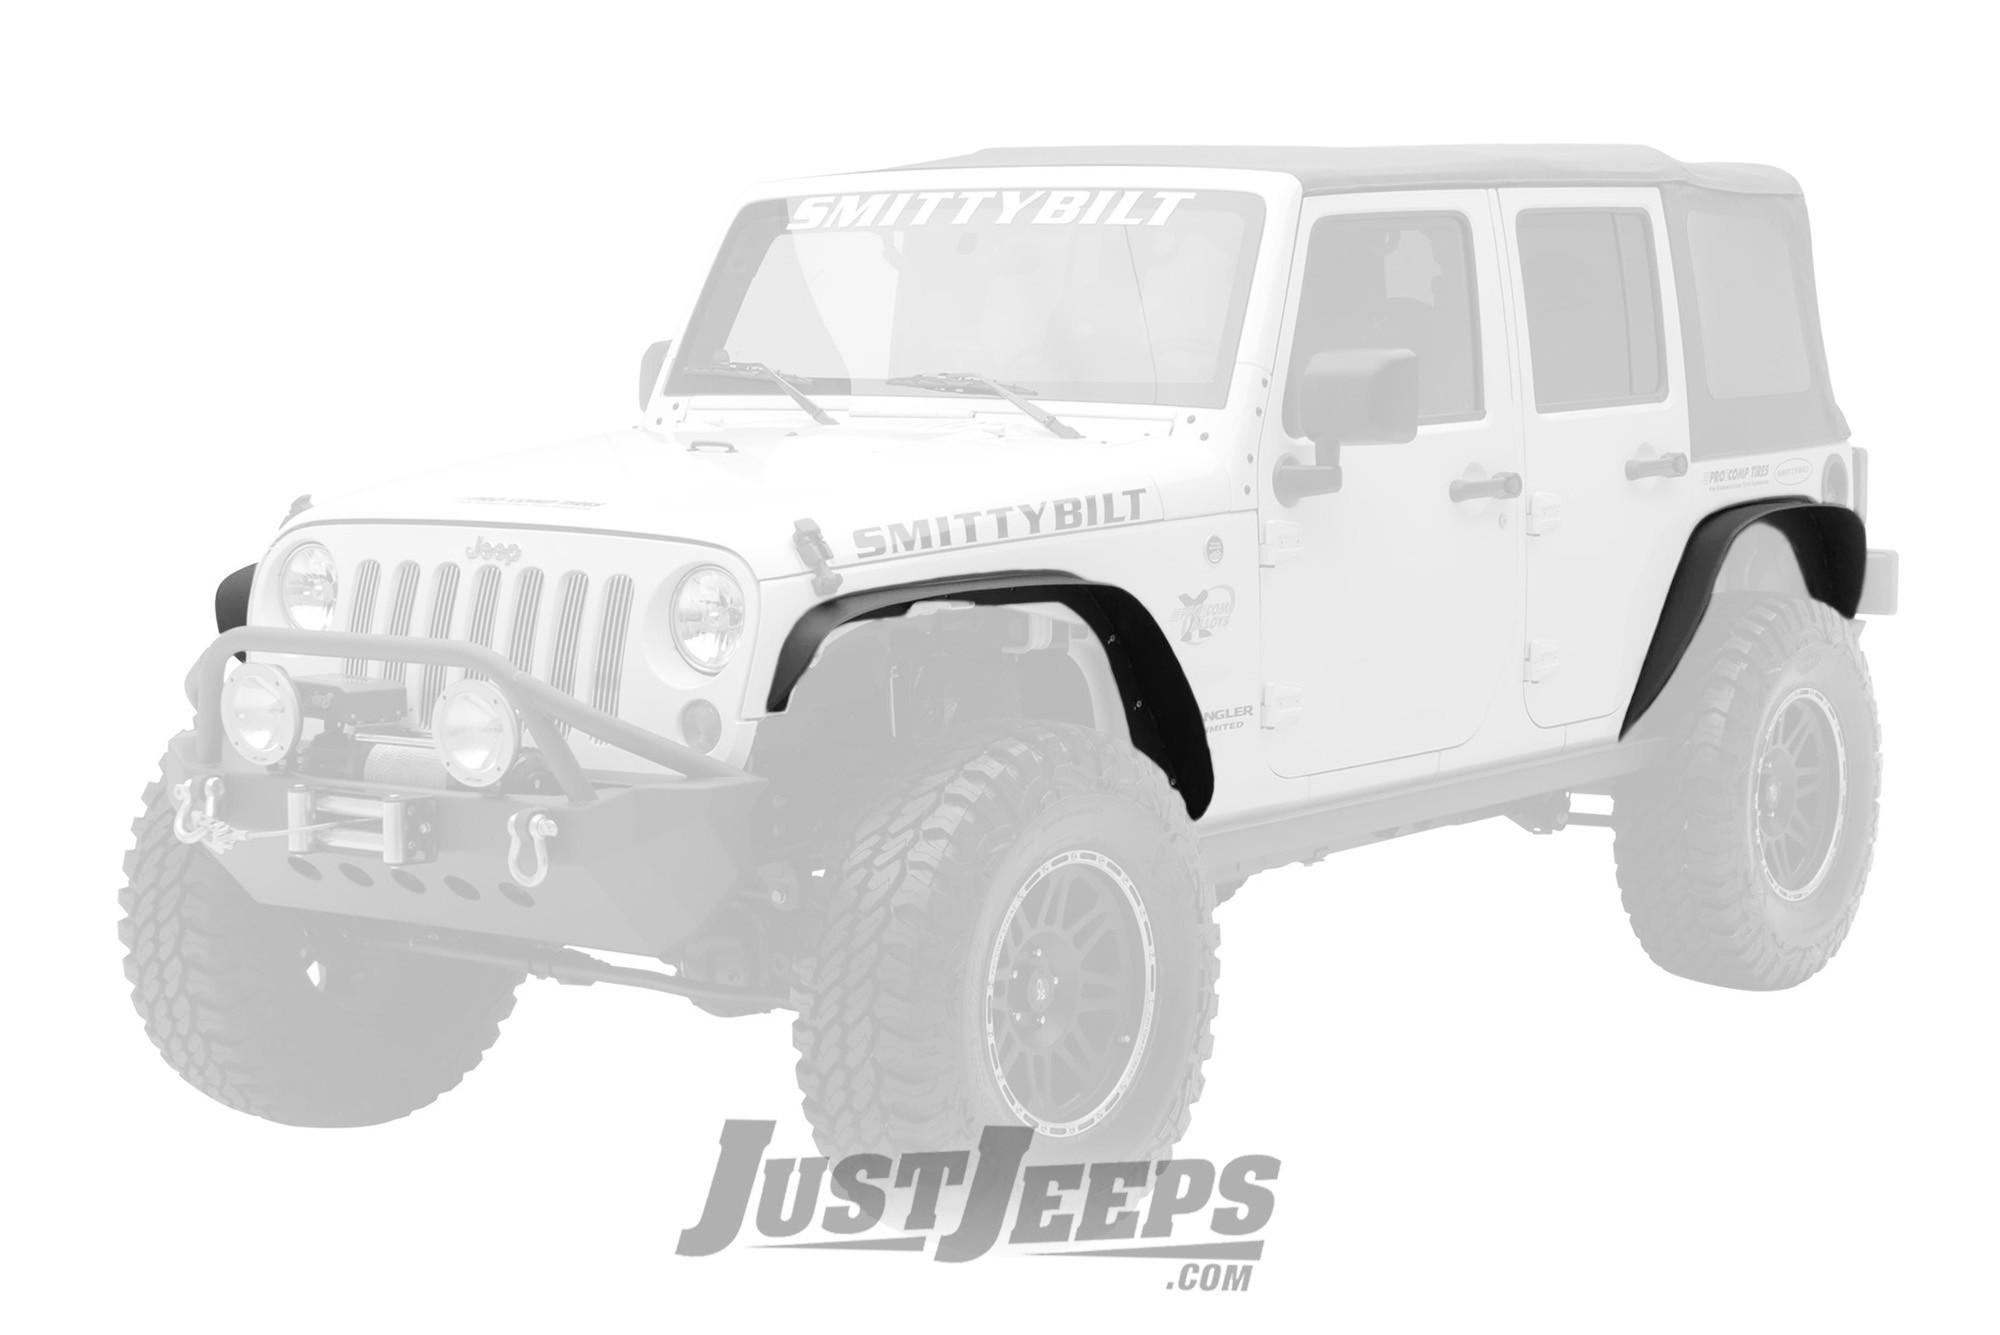 SmittyBilt XRC Fender Flare Set in Black Textured For 2007-18 Jeep Wrangler JK 2 Door & Unlimited 4 Door Models 76837